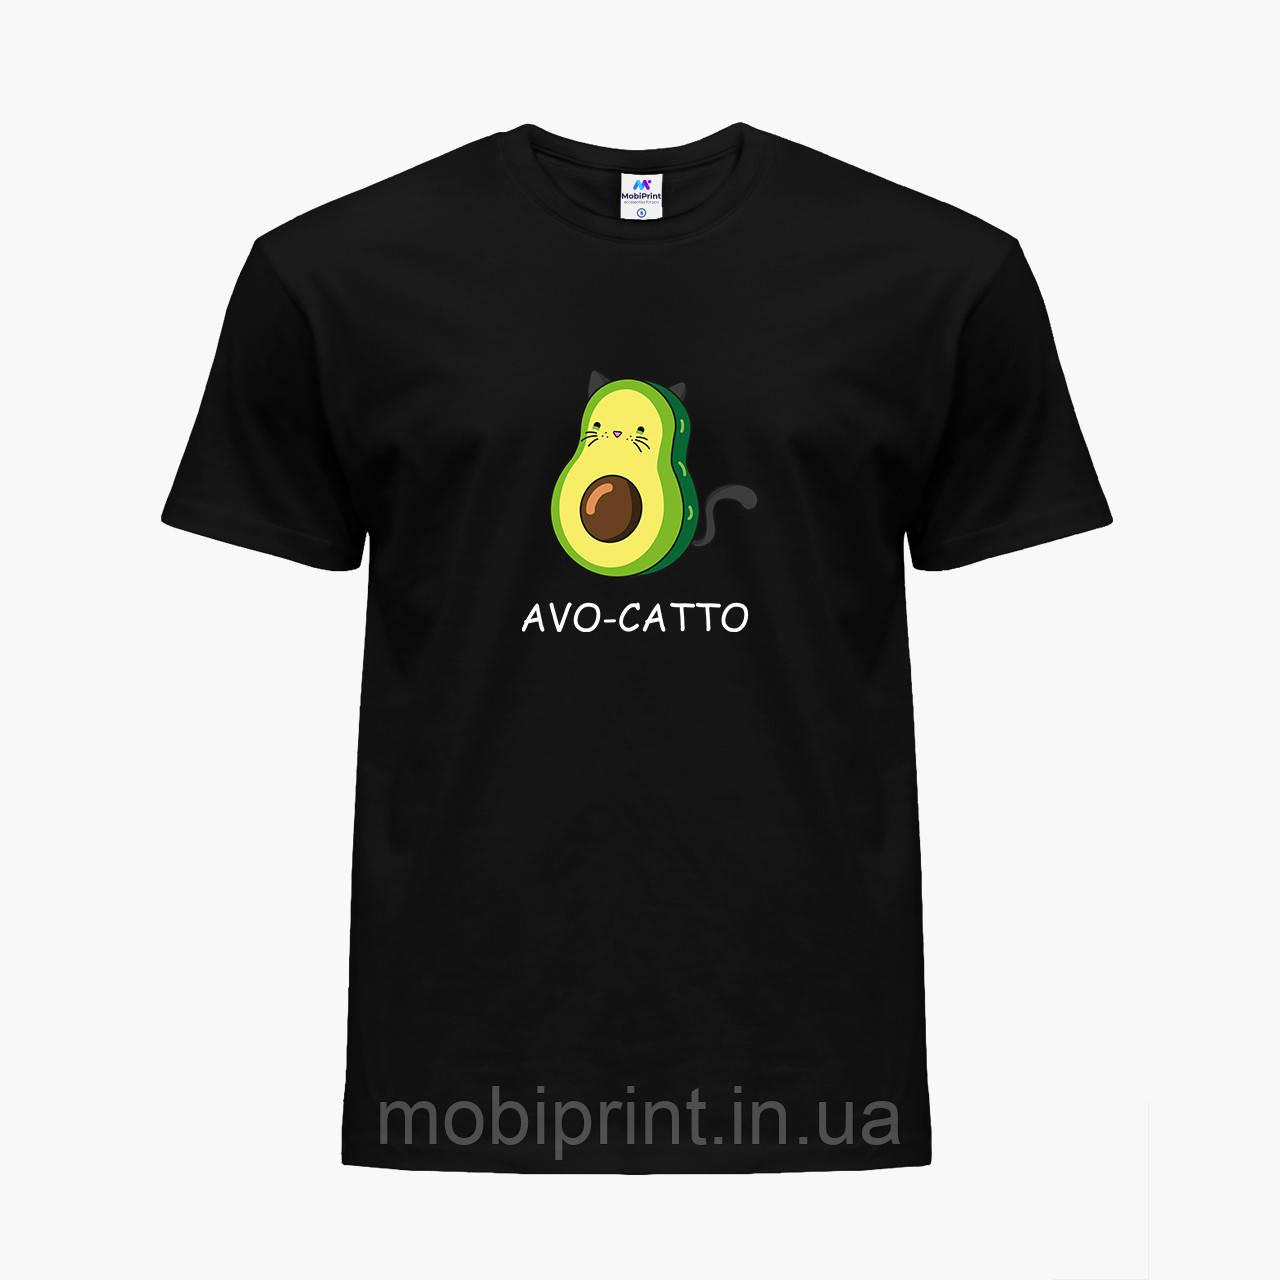 Детская футболка для девочек Авокадо (Avocado) (25186-1372) Черный